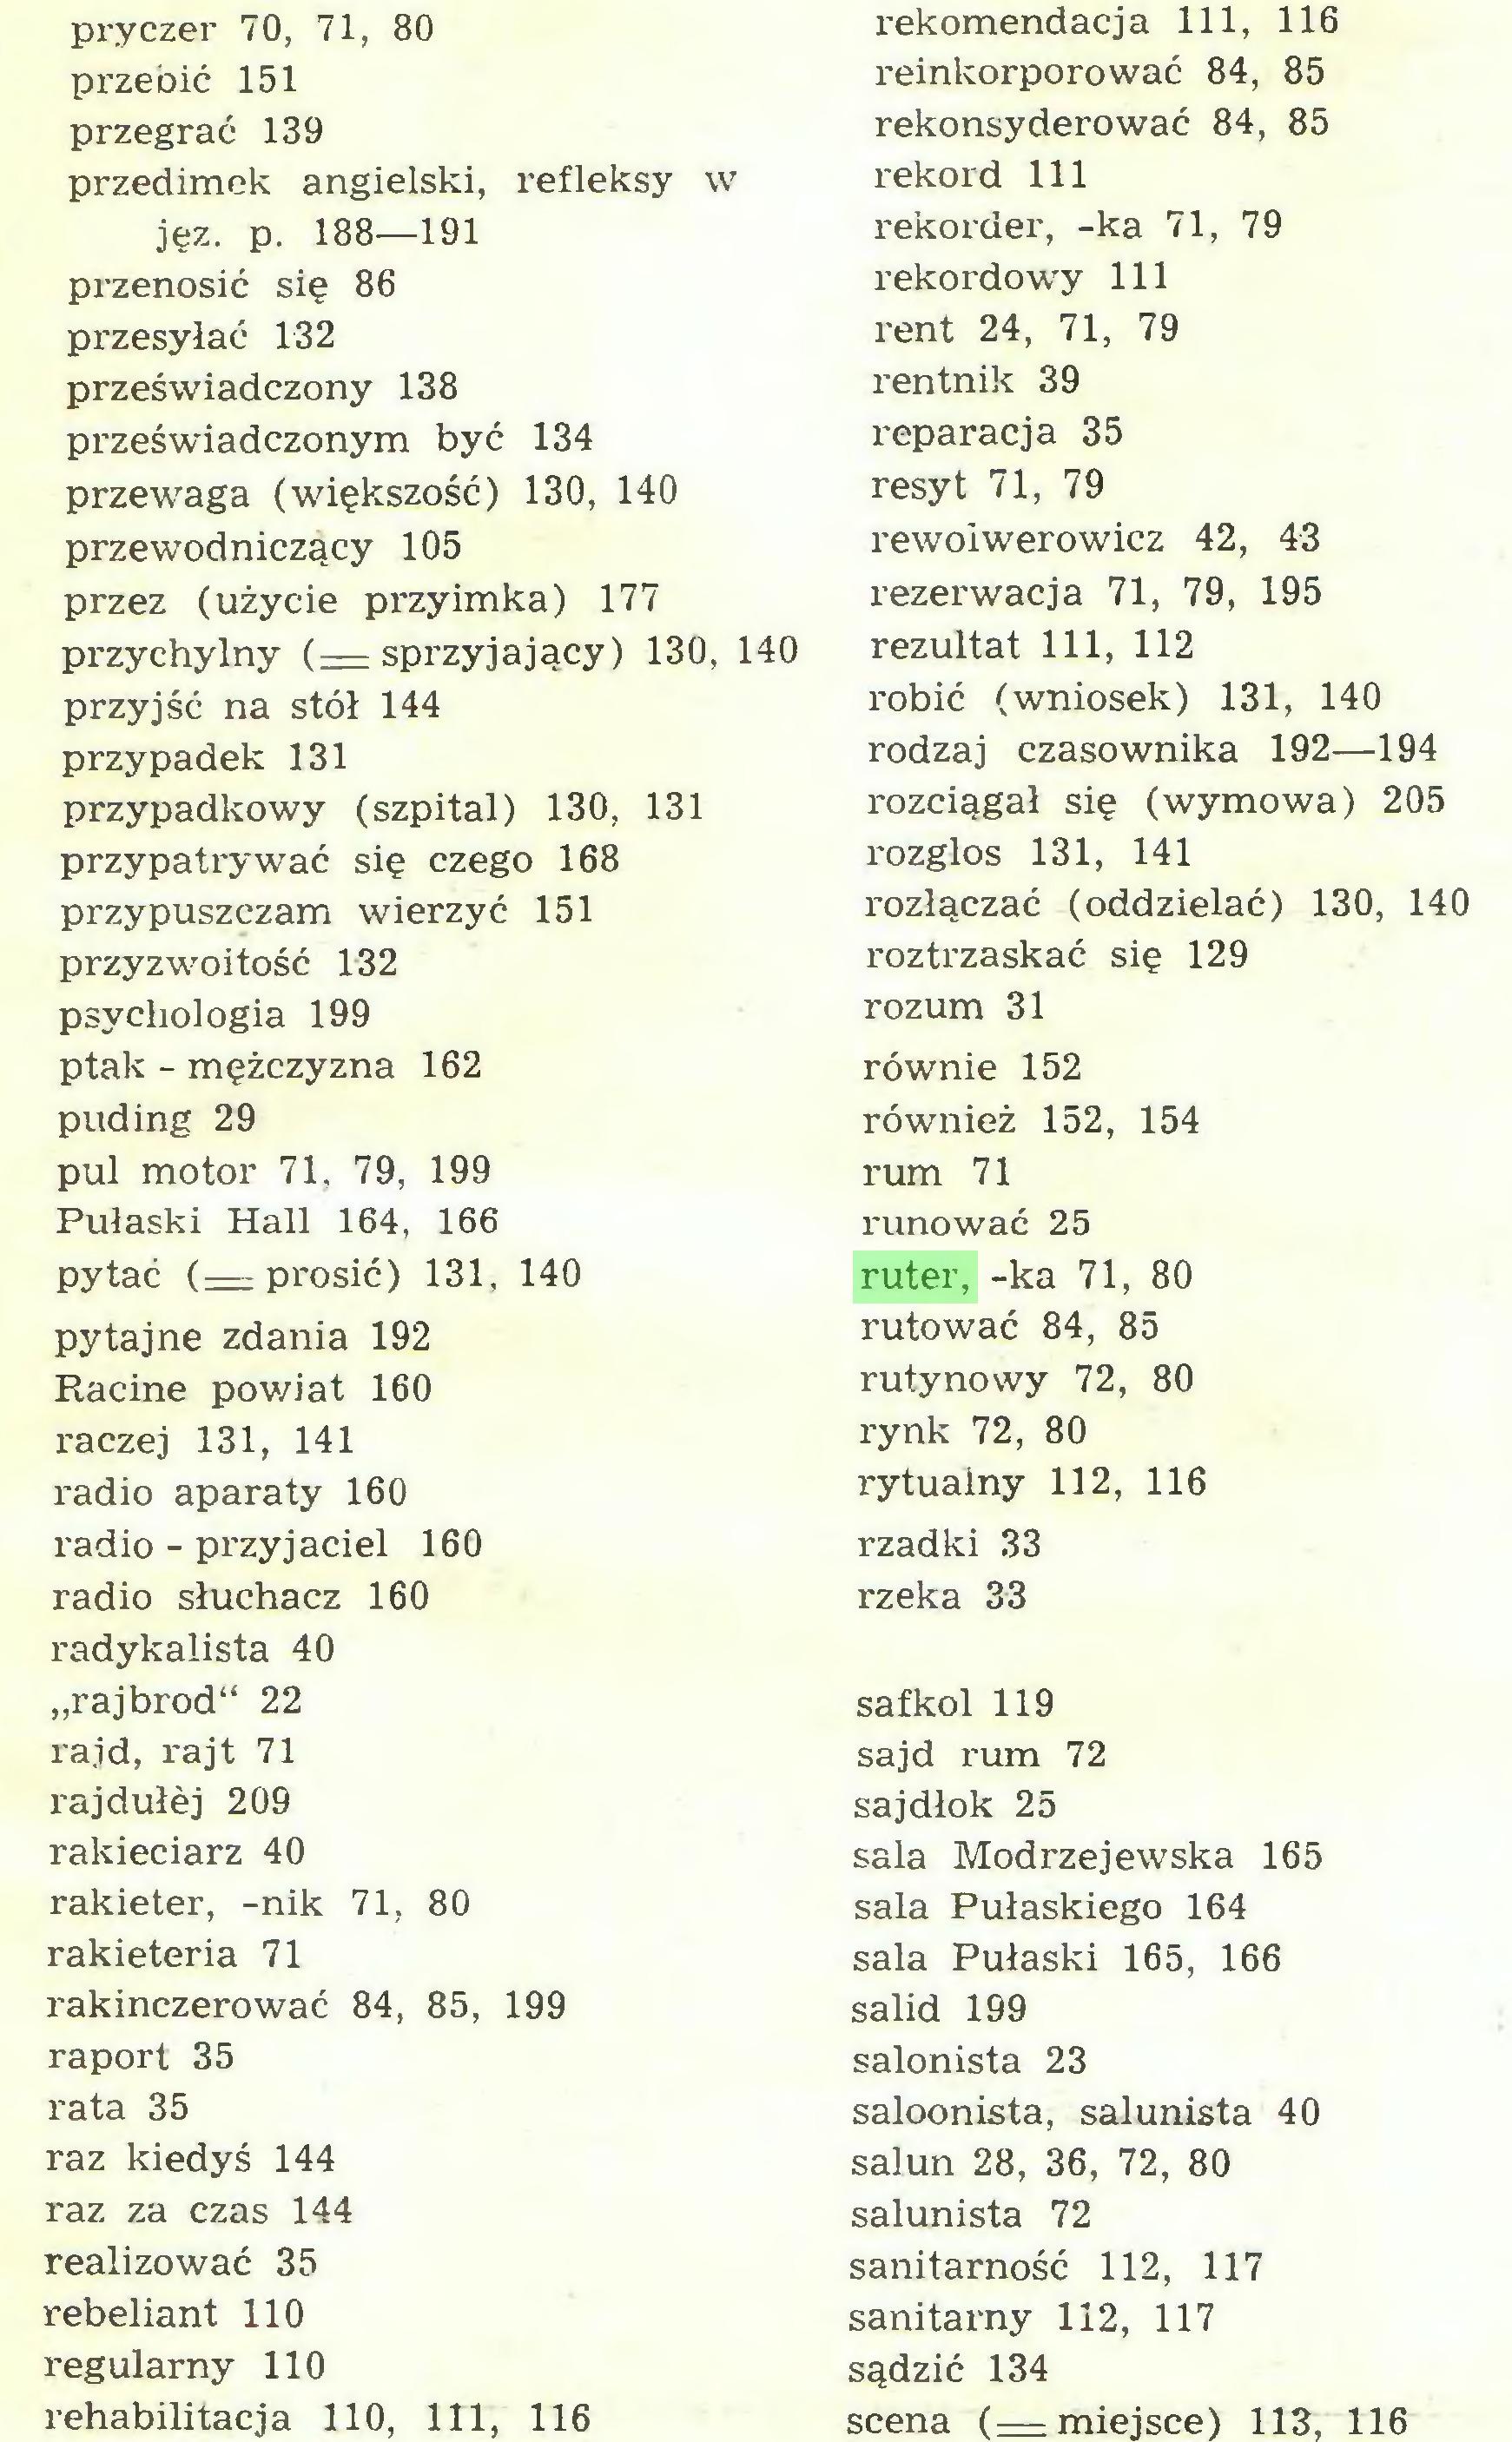 """(...) jęz. p. 188—191 przenosić się 86 przesyłać 132 przeświadczony 138 przeświadczonym być 134 przewaga (większość) 130, 140 przewodniczący 105 przez (użycie przyimka) 177 przychylny (= sprzyjający) 130, 140 przyjść na stół 144 przypadek 131 przypadkowy (szpital) 130, 131 przypatrywać się czego 168 przypuszczam wierzyć 151 przyzwoitość 132 psychologia 199 ptak - mężczyzna 162 puding 29 pul motor 71, 79, 199 Pułaski Hall 164, 166 pytać (—prosić) 131, 140 pytajne zdania 192 Racine powiat 160 raczej 131, 141 radio aparaty 160 radio - przyjaciel 160 radio słuchacz 160 radykalista 40 """"rajbrod"""" 22 rajd, rajt 71 rajdułej 209 rakieciarz 40 rakieter, -nik 71, 80 rakieteria 71 rakinczerować 84, 85, 199 raport 35 rata 35 raz kiedyś 144 raz za czas 144 realizować 35 rebeliant 110 regularny 110 rehabilitacja 110, 111, 116 rekomendacja 111, 116 reinkorporować 84, 85 rekonsyderować 84, 85 rekord 111 rekorder, -ka 71, 79 rekordowy 111 rent 24, 71, 79 rentnik 39 reparacja 35 resyt 71, 79 rewolwerowicz 42, 43 rezei'wacja 71, 79, 195 rezultat 111, 112 robić (wniosek) 131, 140 rodzaj czasownika 192—194 rozciągał się (wymowa) 205 rozgłos 131, 141 rozłączać (oddzielać) 130, 140 roztrzaskać się 129 rozum 31 równie 152 również 152, 154 rum 71 runować 25 ruter, -ka 71, 80 rutować 84, 85 rutynowy 72, 80 rynk 72, 80 rytualny 112, 116 rzadki 33 rzeka 33..."""